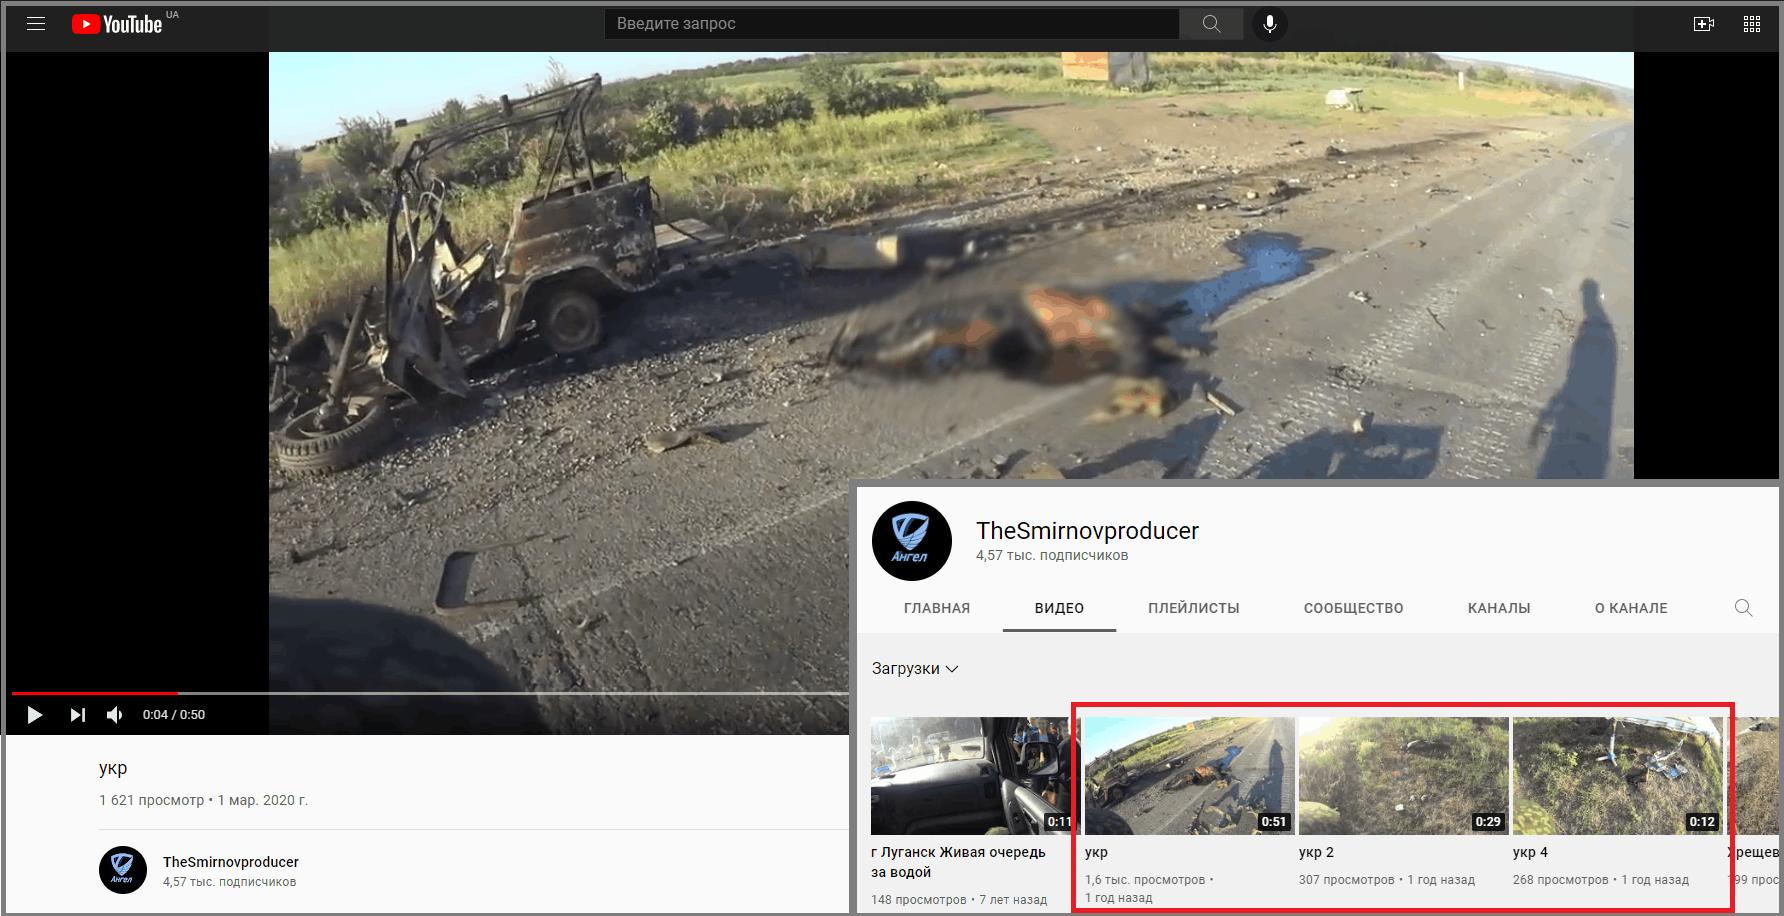 Кадр з відео Смирнова з тілом вбитого українця у 2014 році